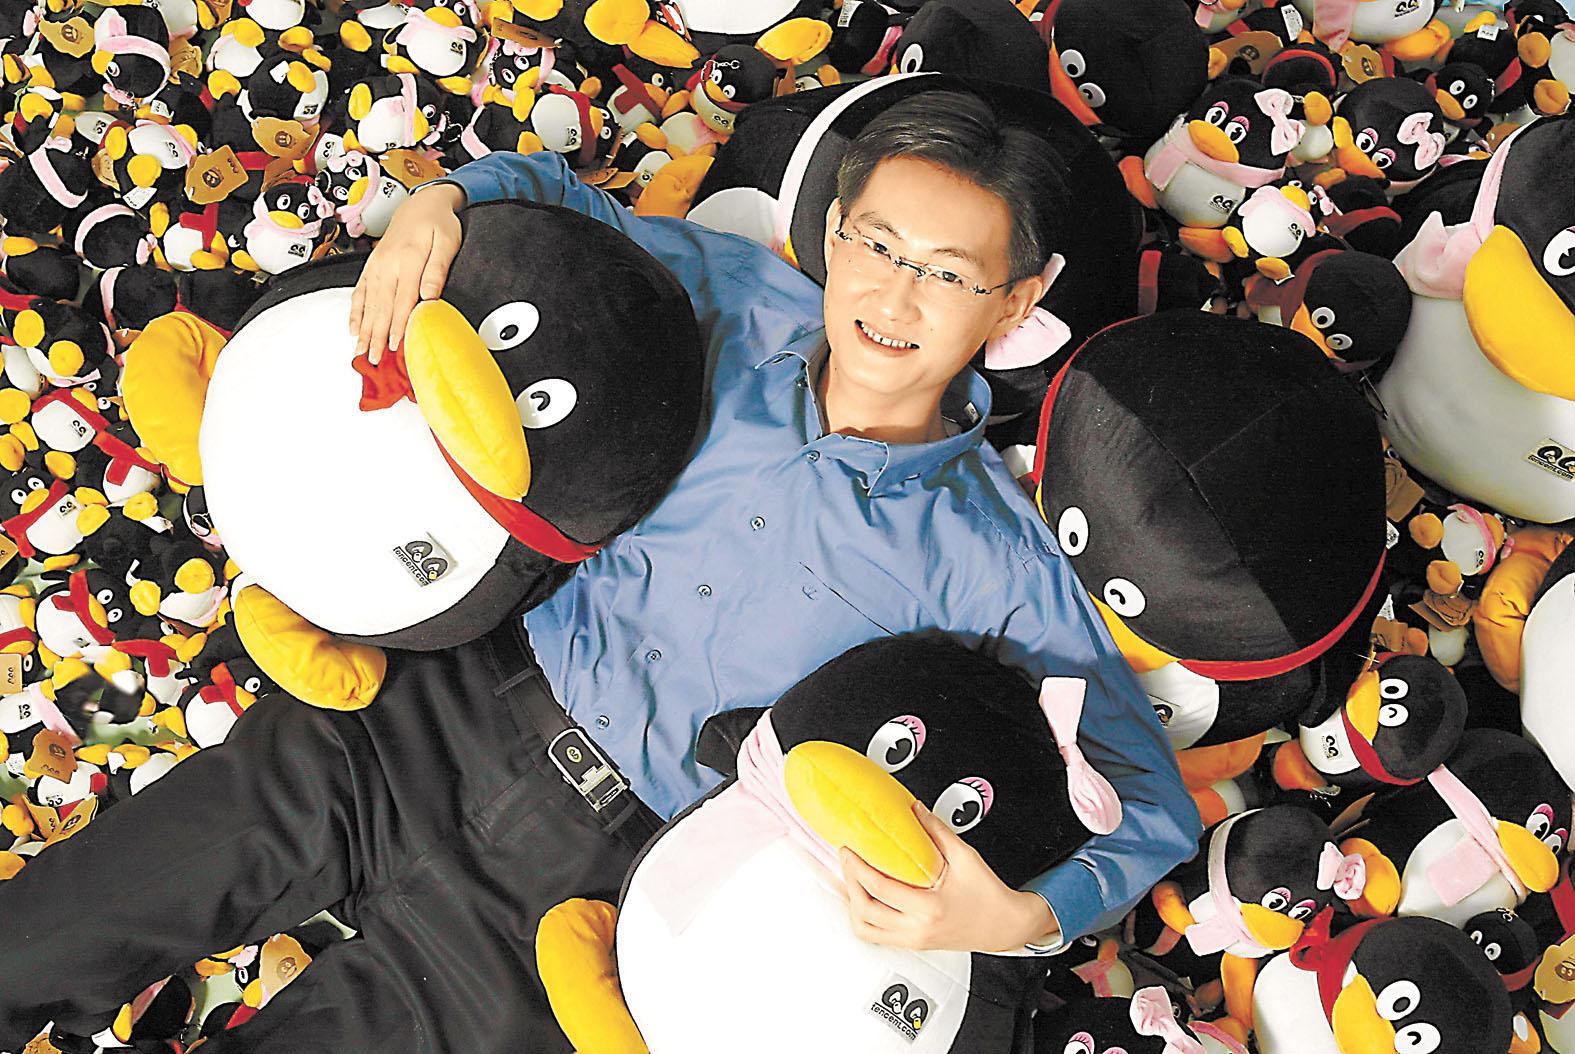 騰訊公司主席馬化騰成為中國和亞洲首富。本報資料圖片